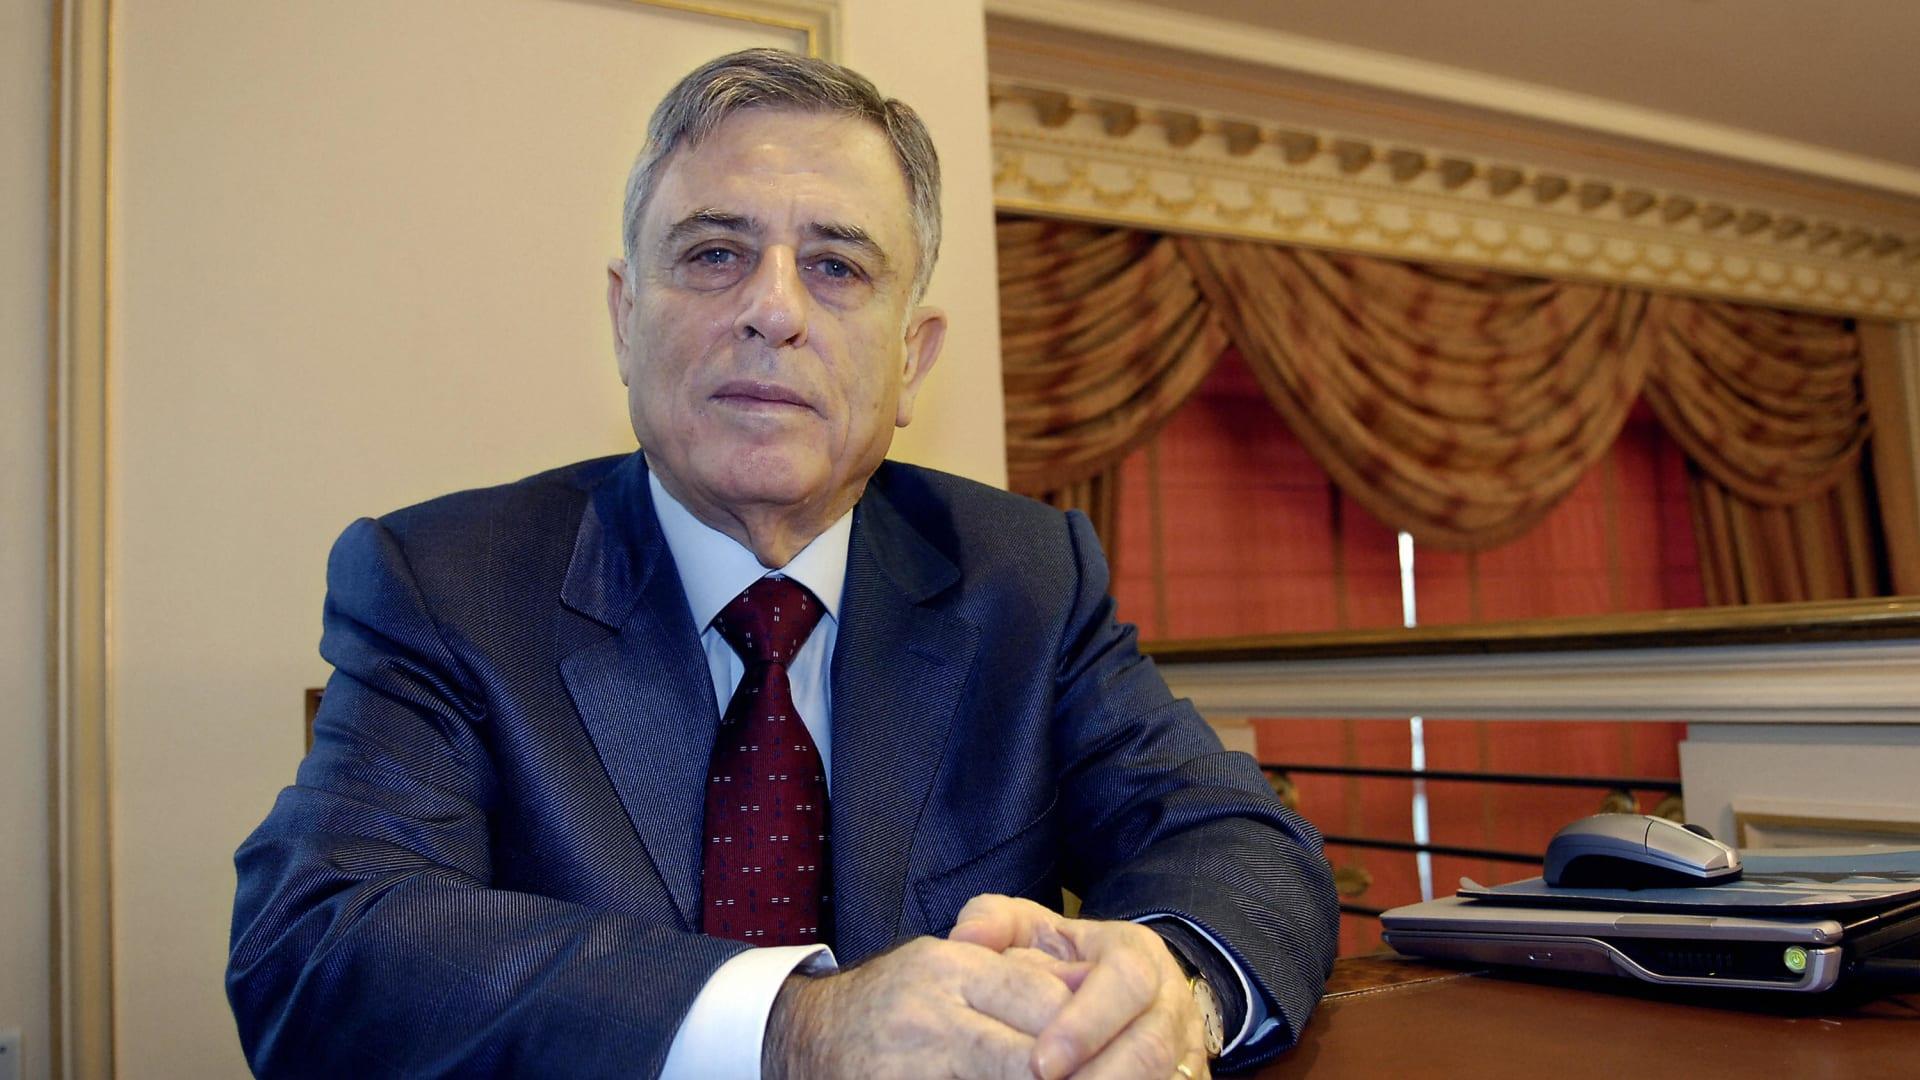 """عبد الحليم خدام.. من رمز لحكم الأسد في سوريا إلى متهم بـ""""الخيانة العظمى"""""""